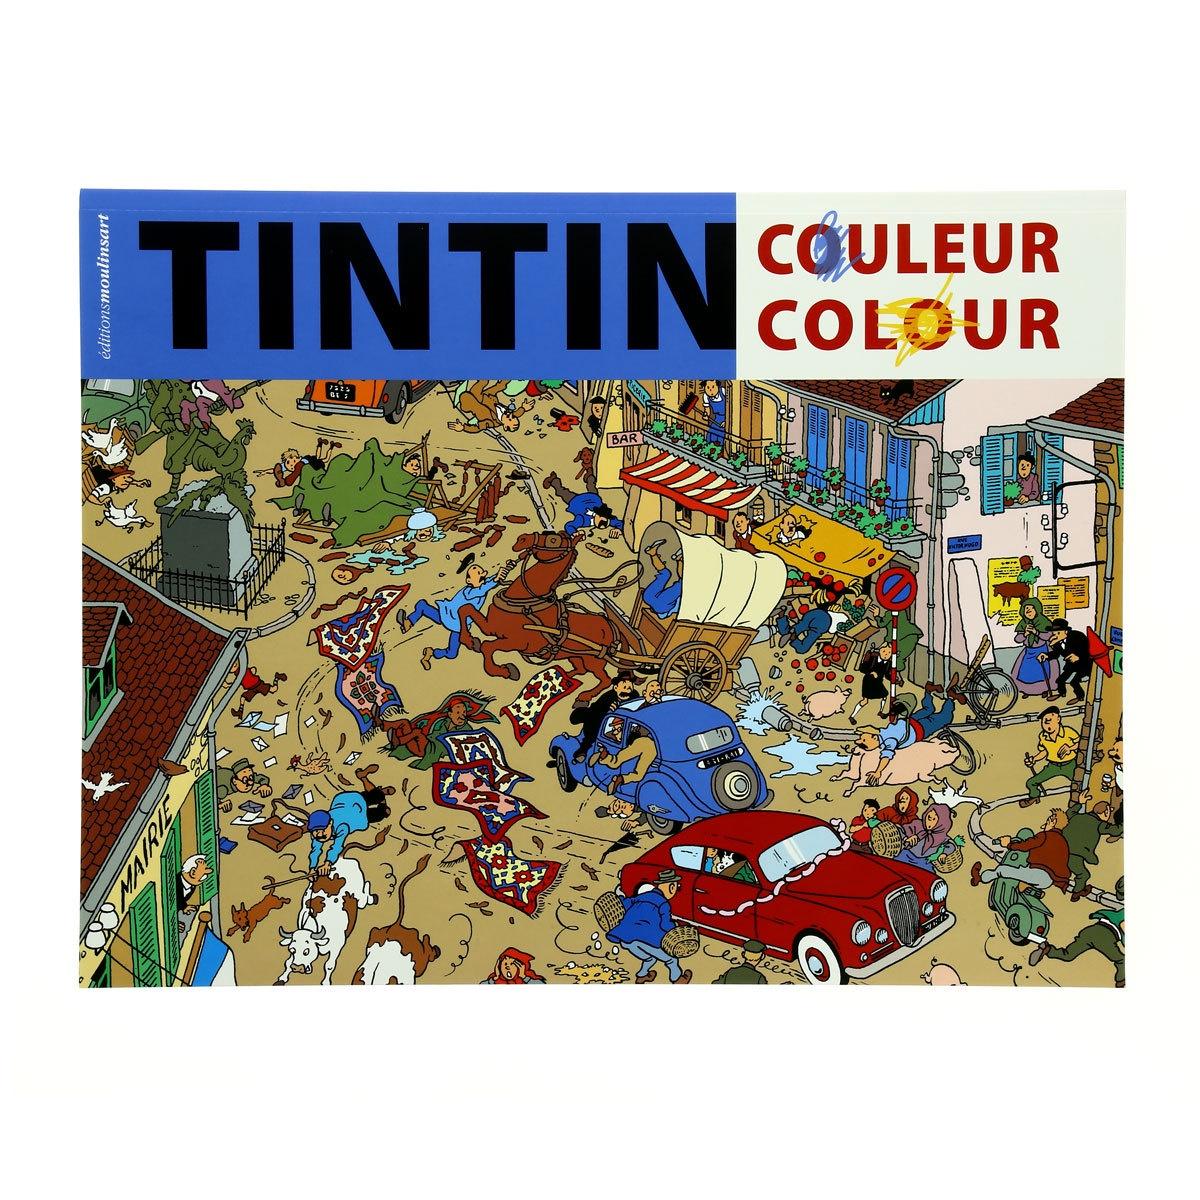 Tintin Colouring Book Blue